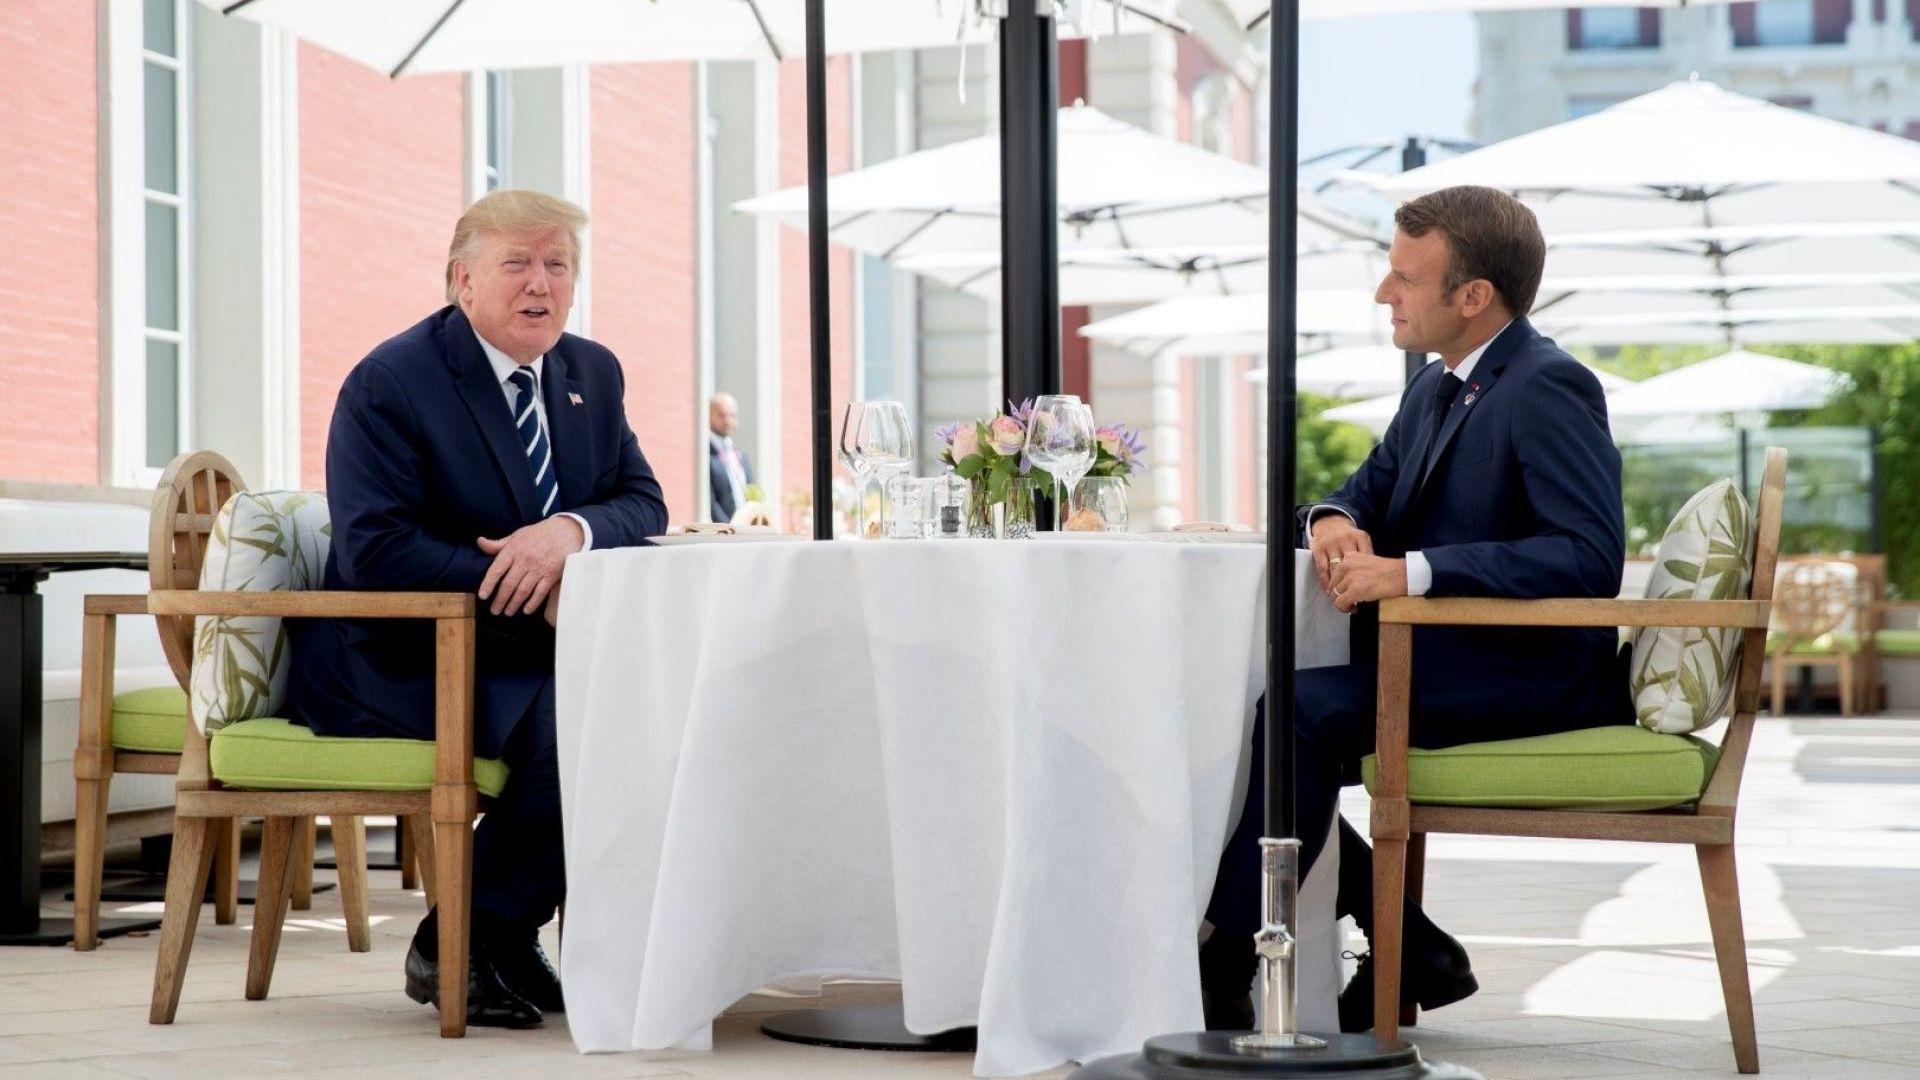 Френският президент Еманюел Макрон заяви днес, че Европа вероятно ще